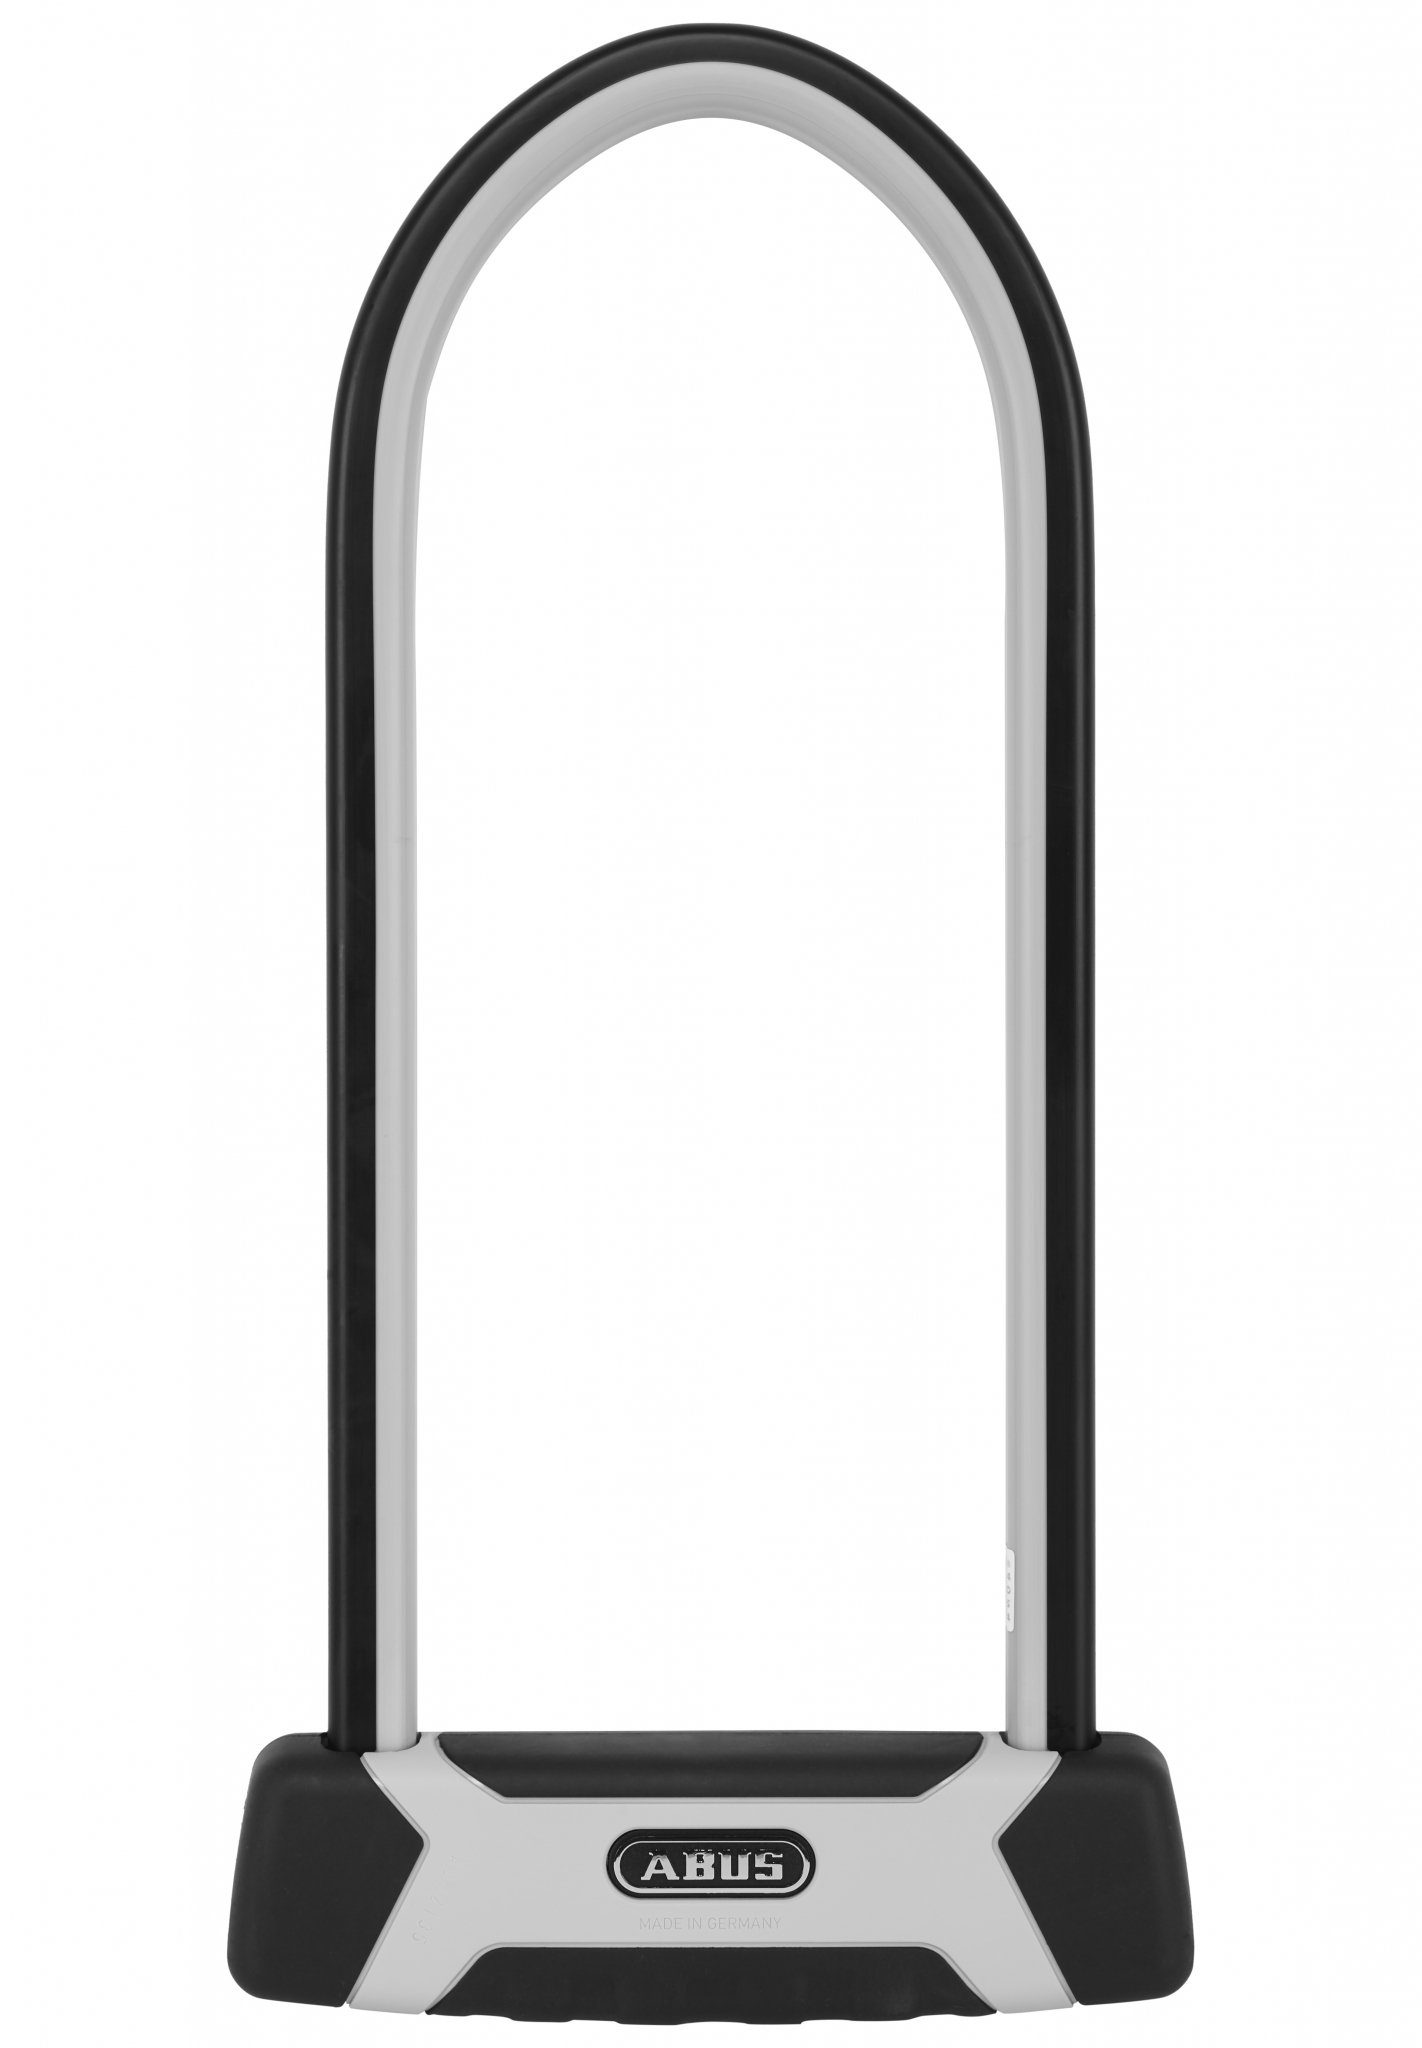 ABUS Fahrradschloss »Granit X-Plus 540/160HB300 Bügelschloss«